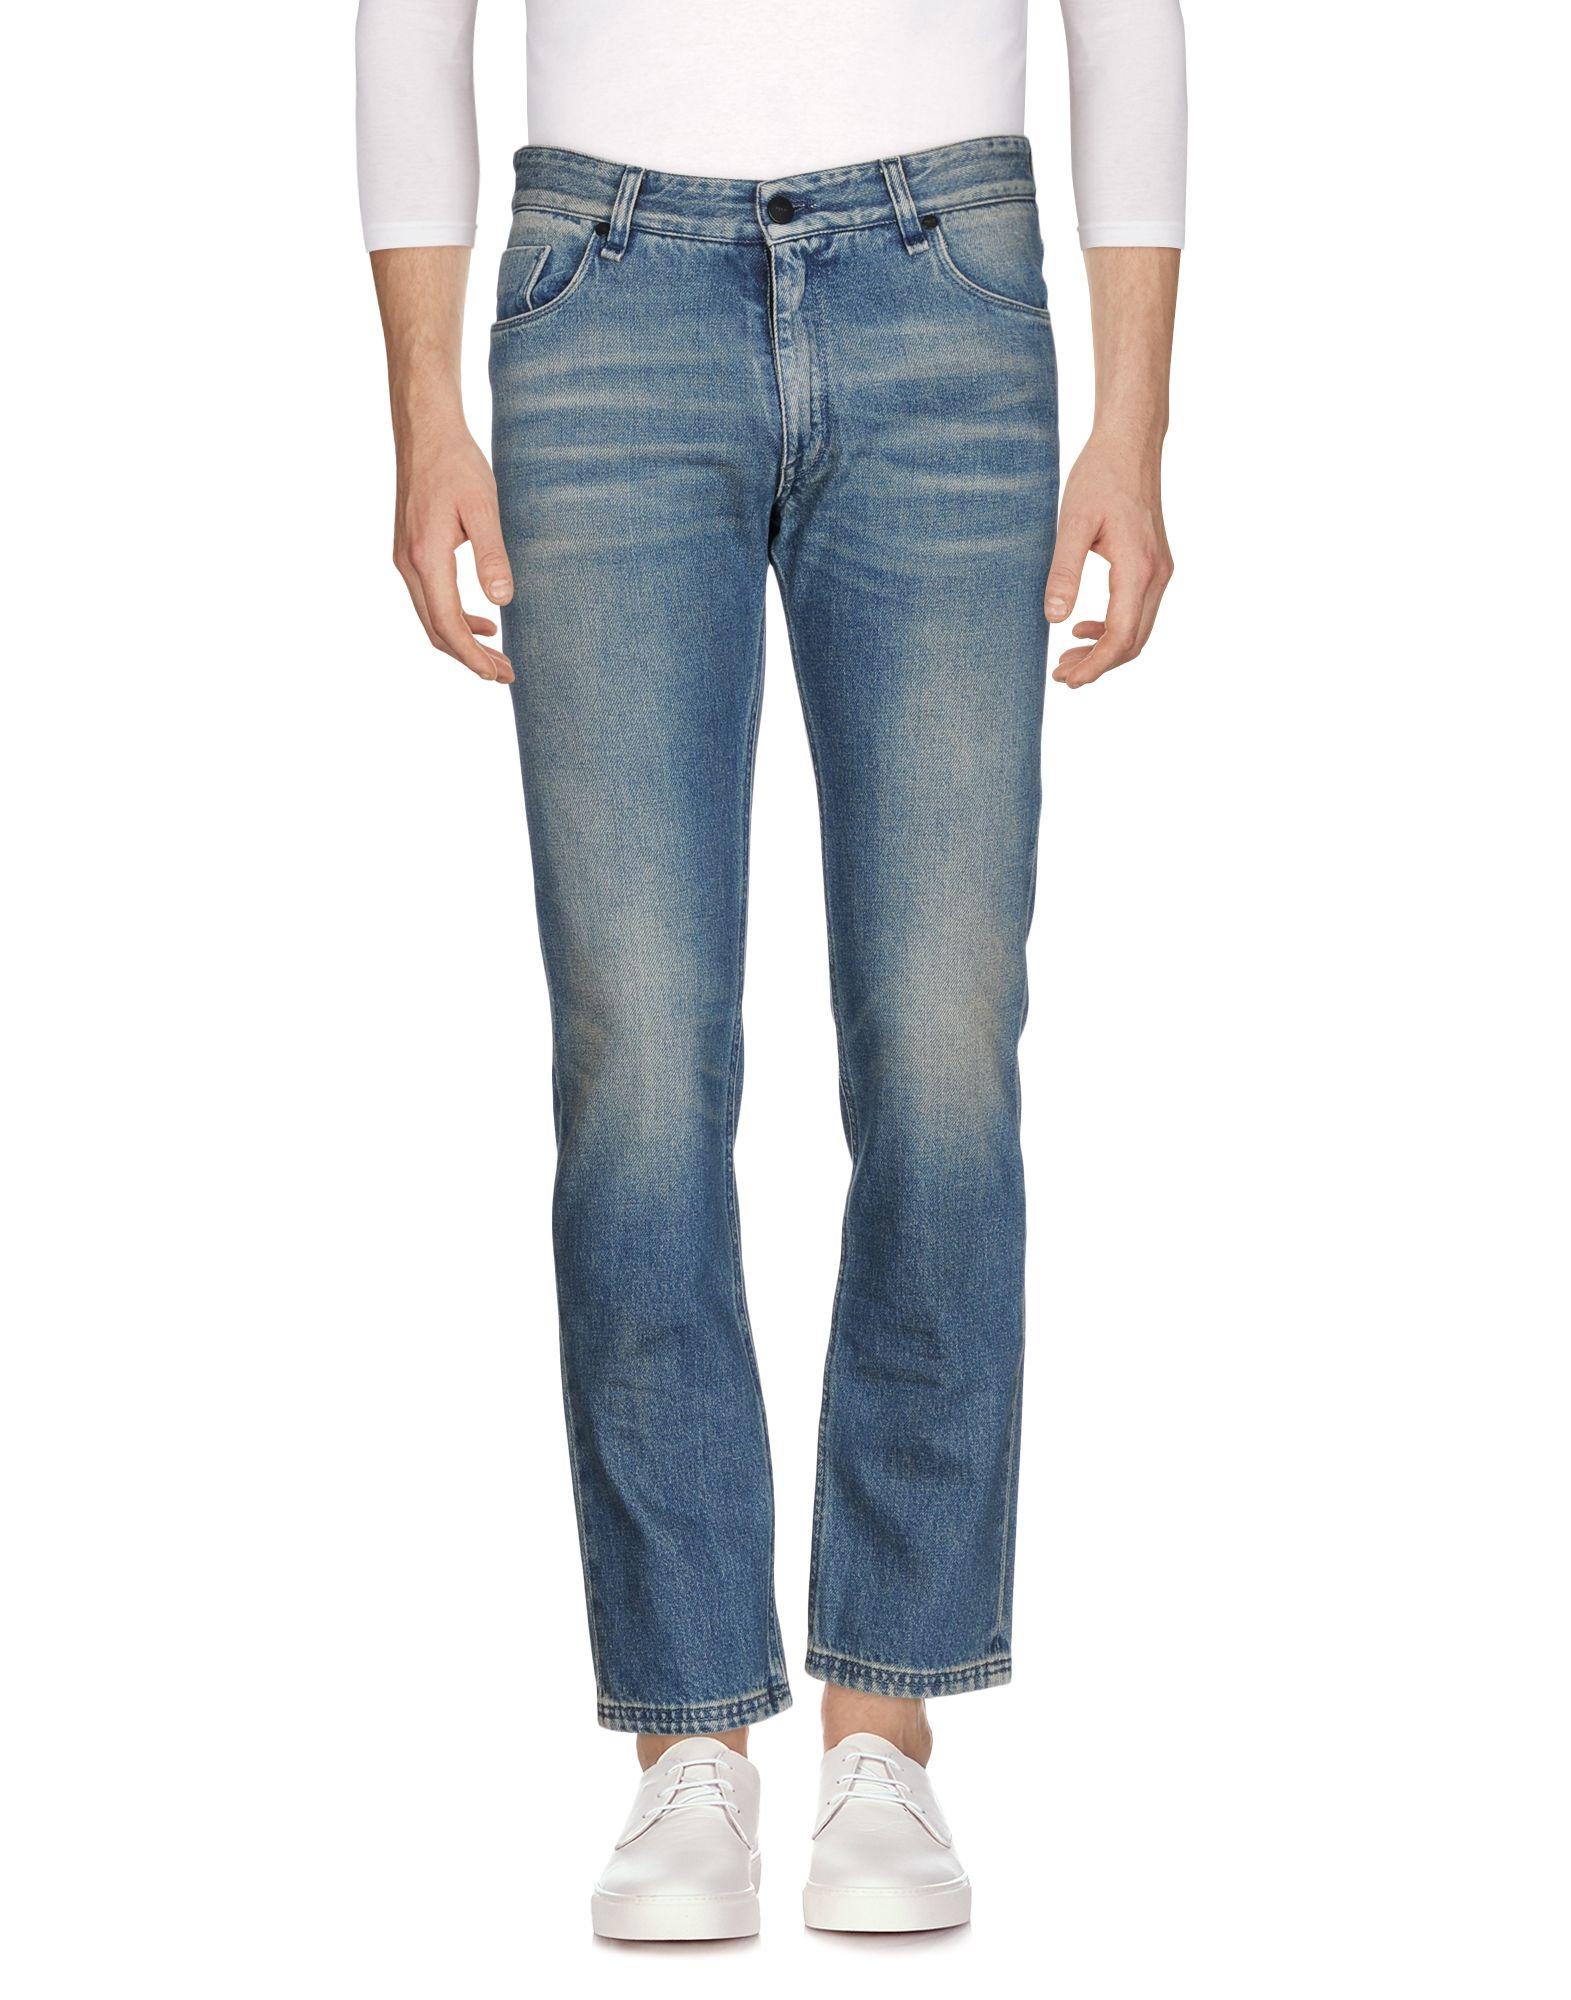 Pantaloni Jeans Fendi Uomo - Acquista online su